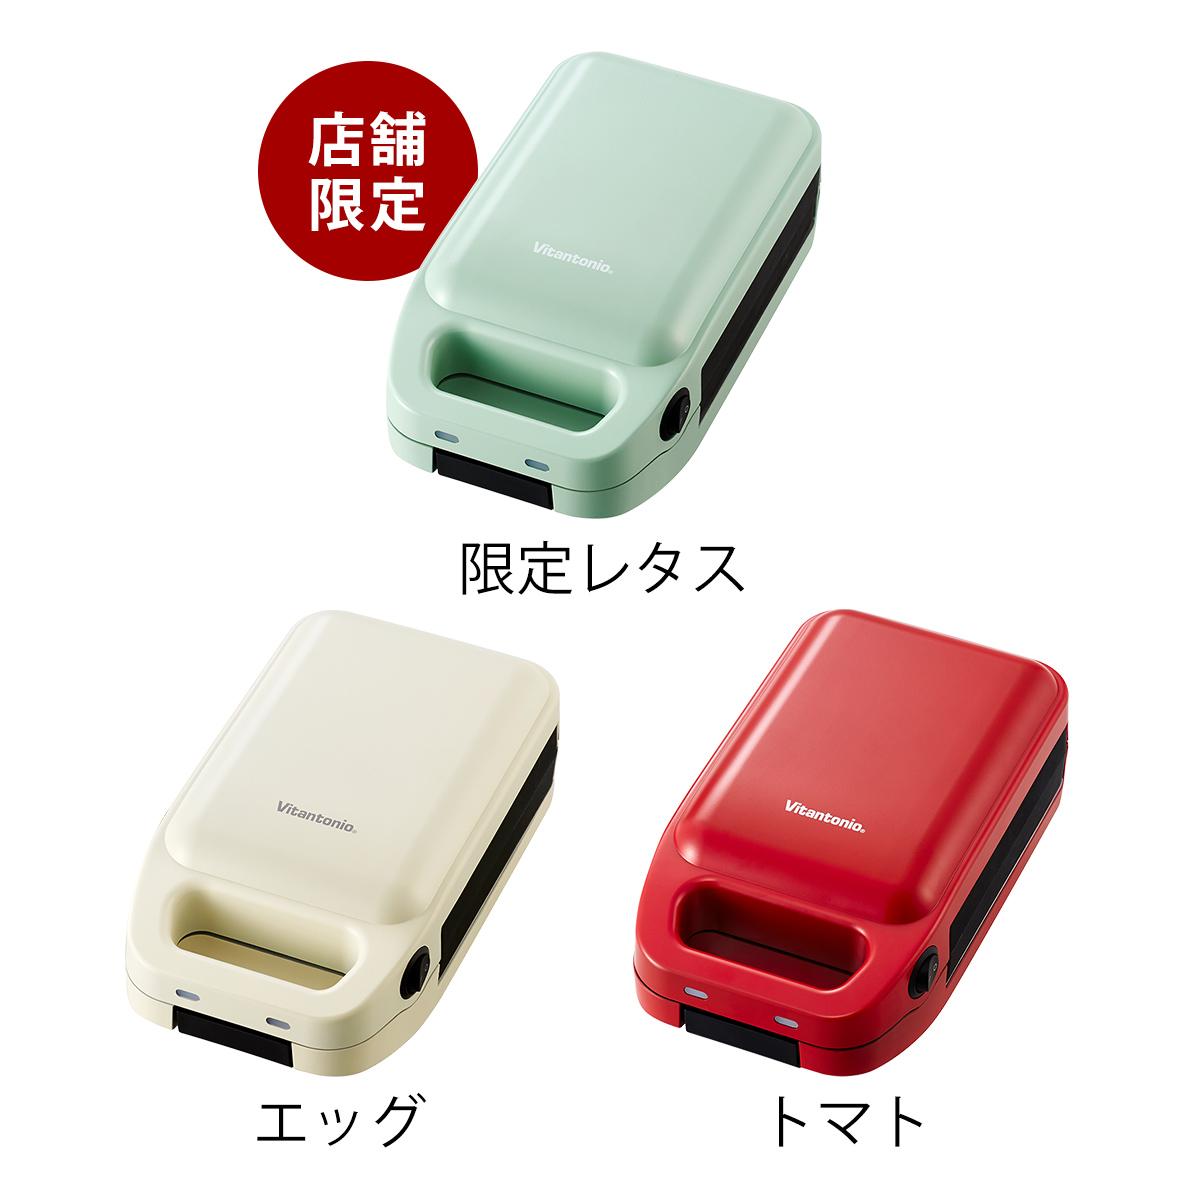 三種顏色的三明治機